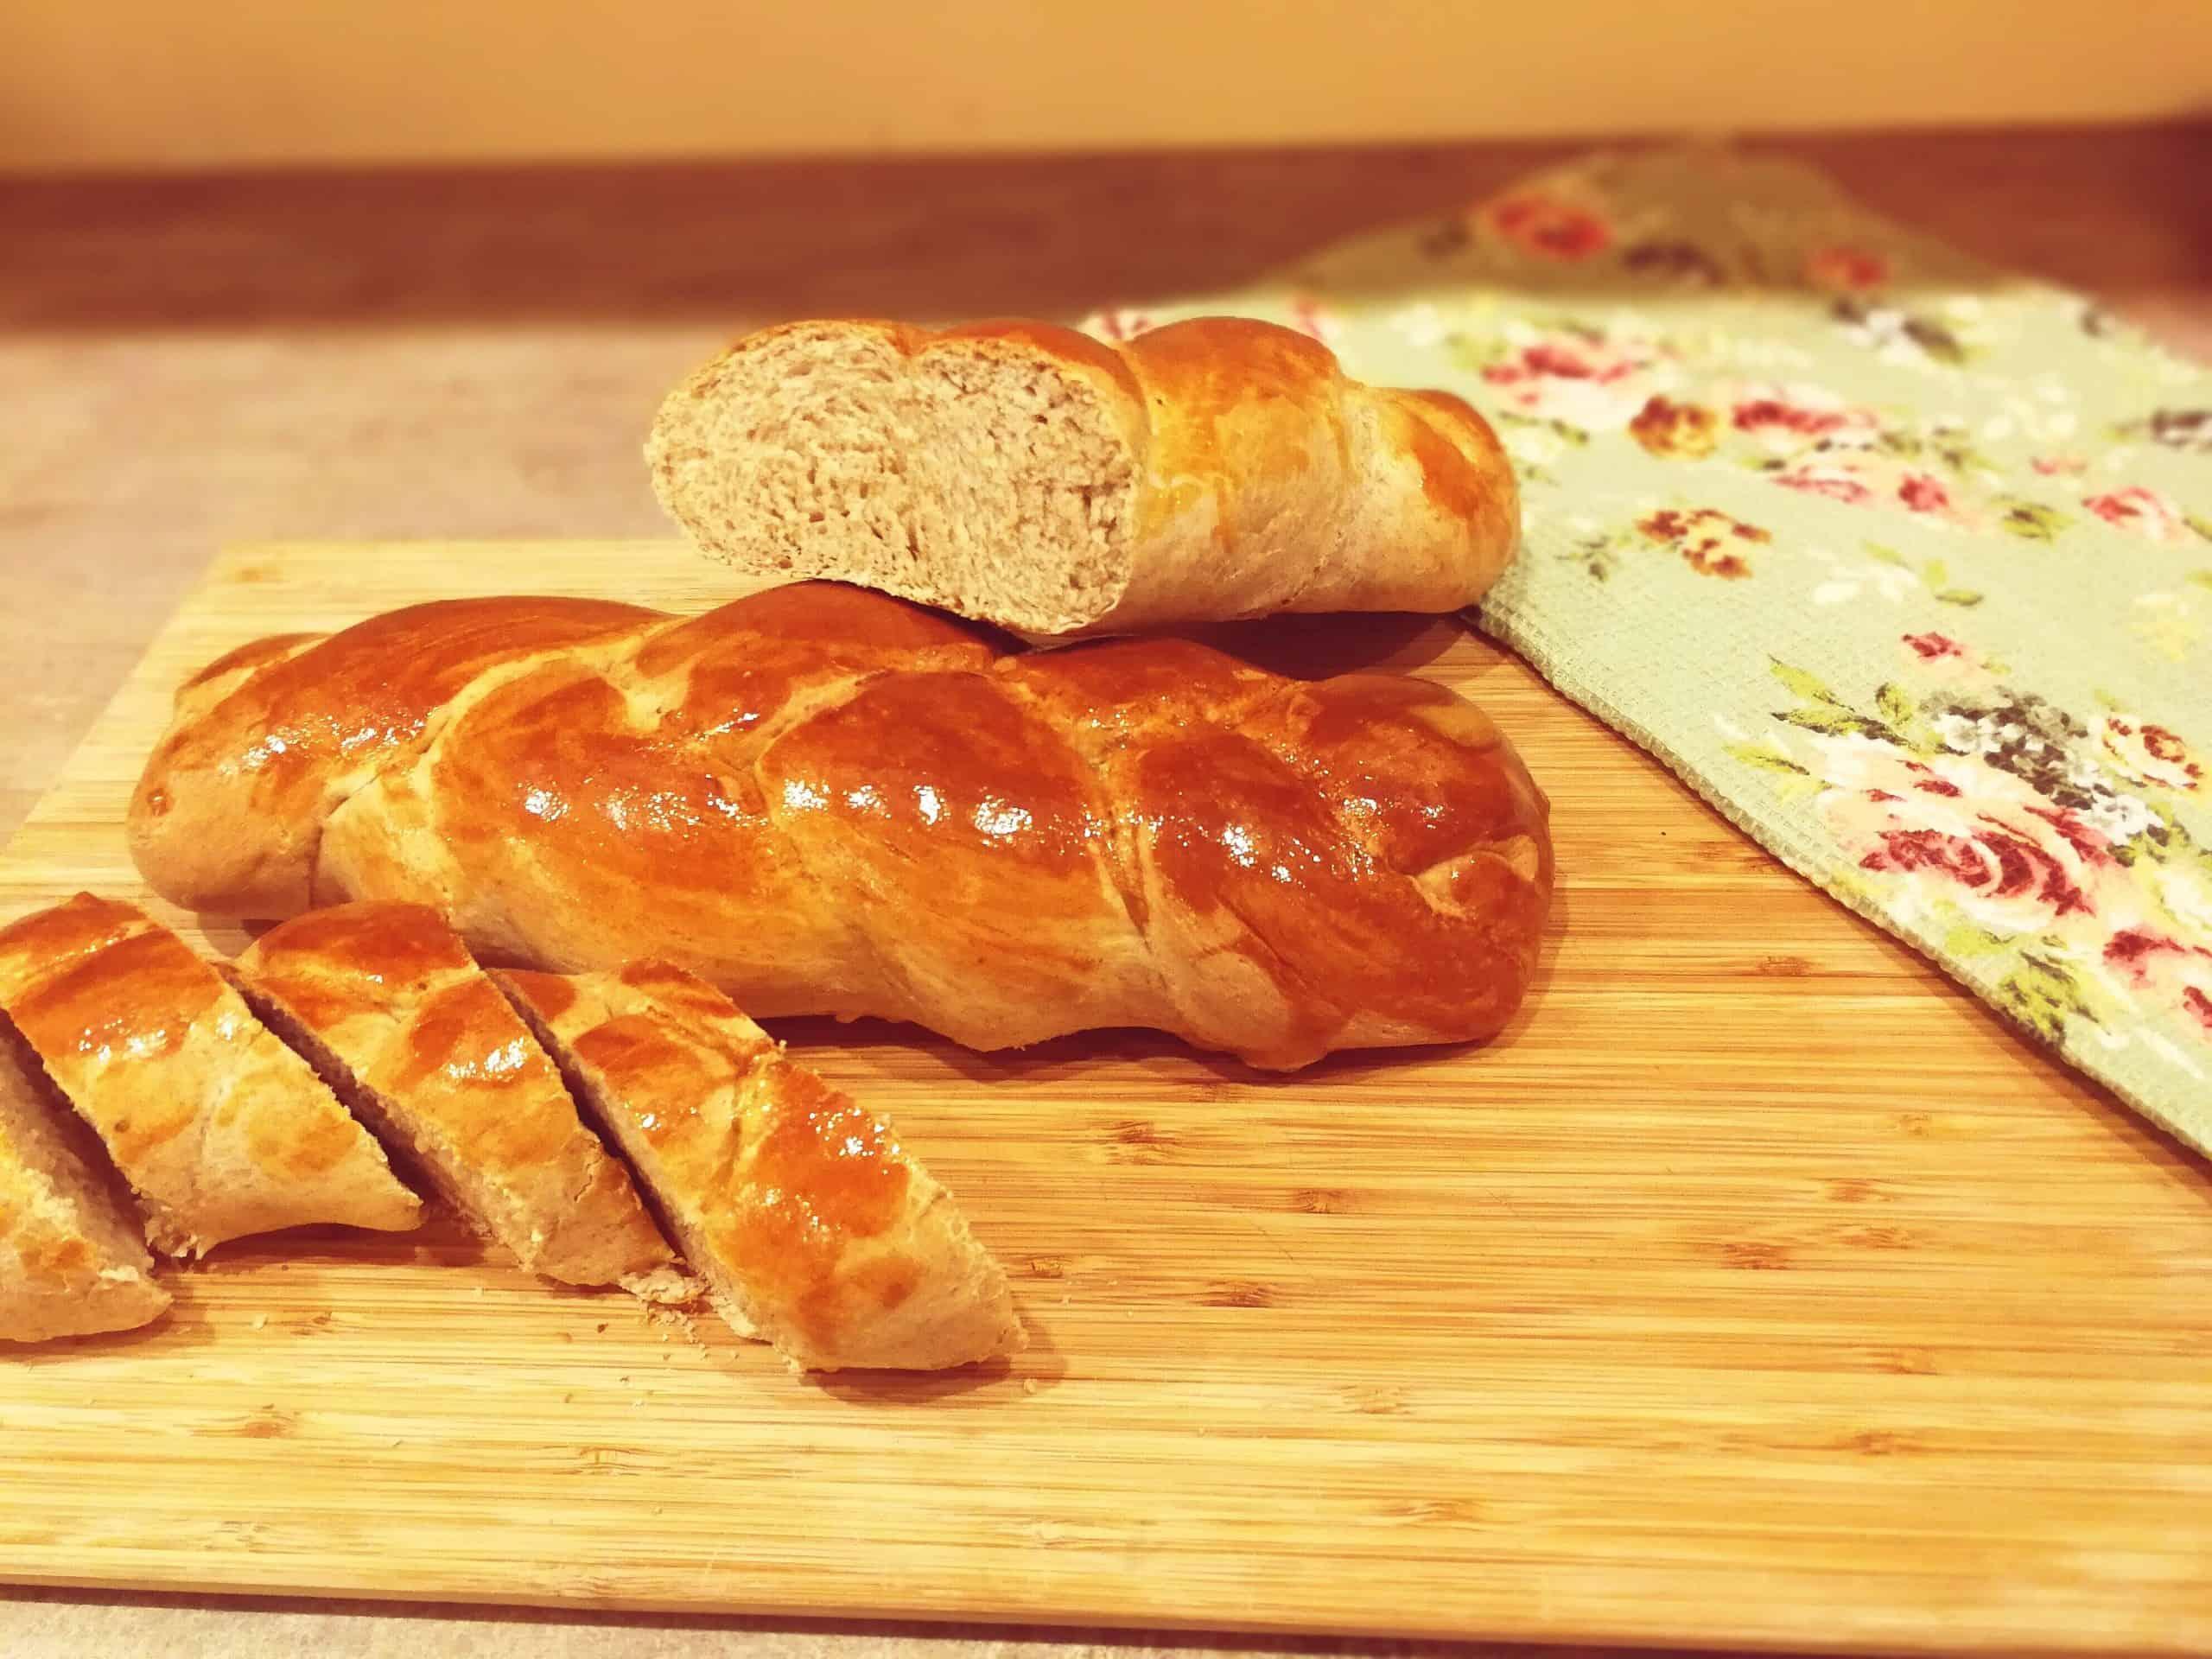 Duonos pynutė receptas sveika mityba